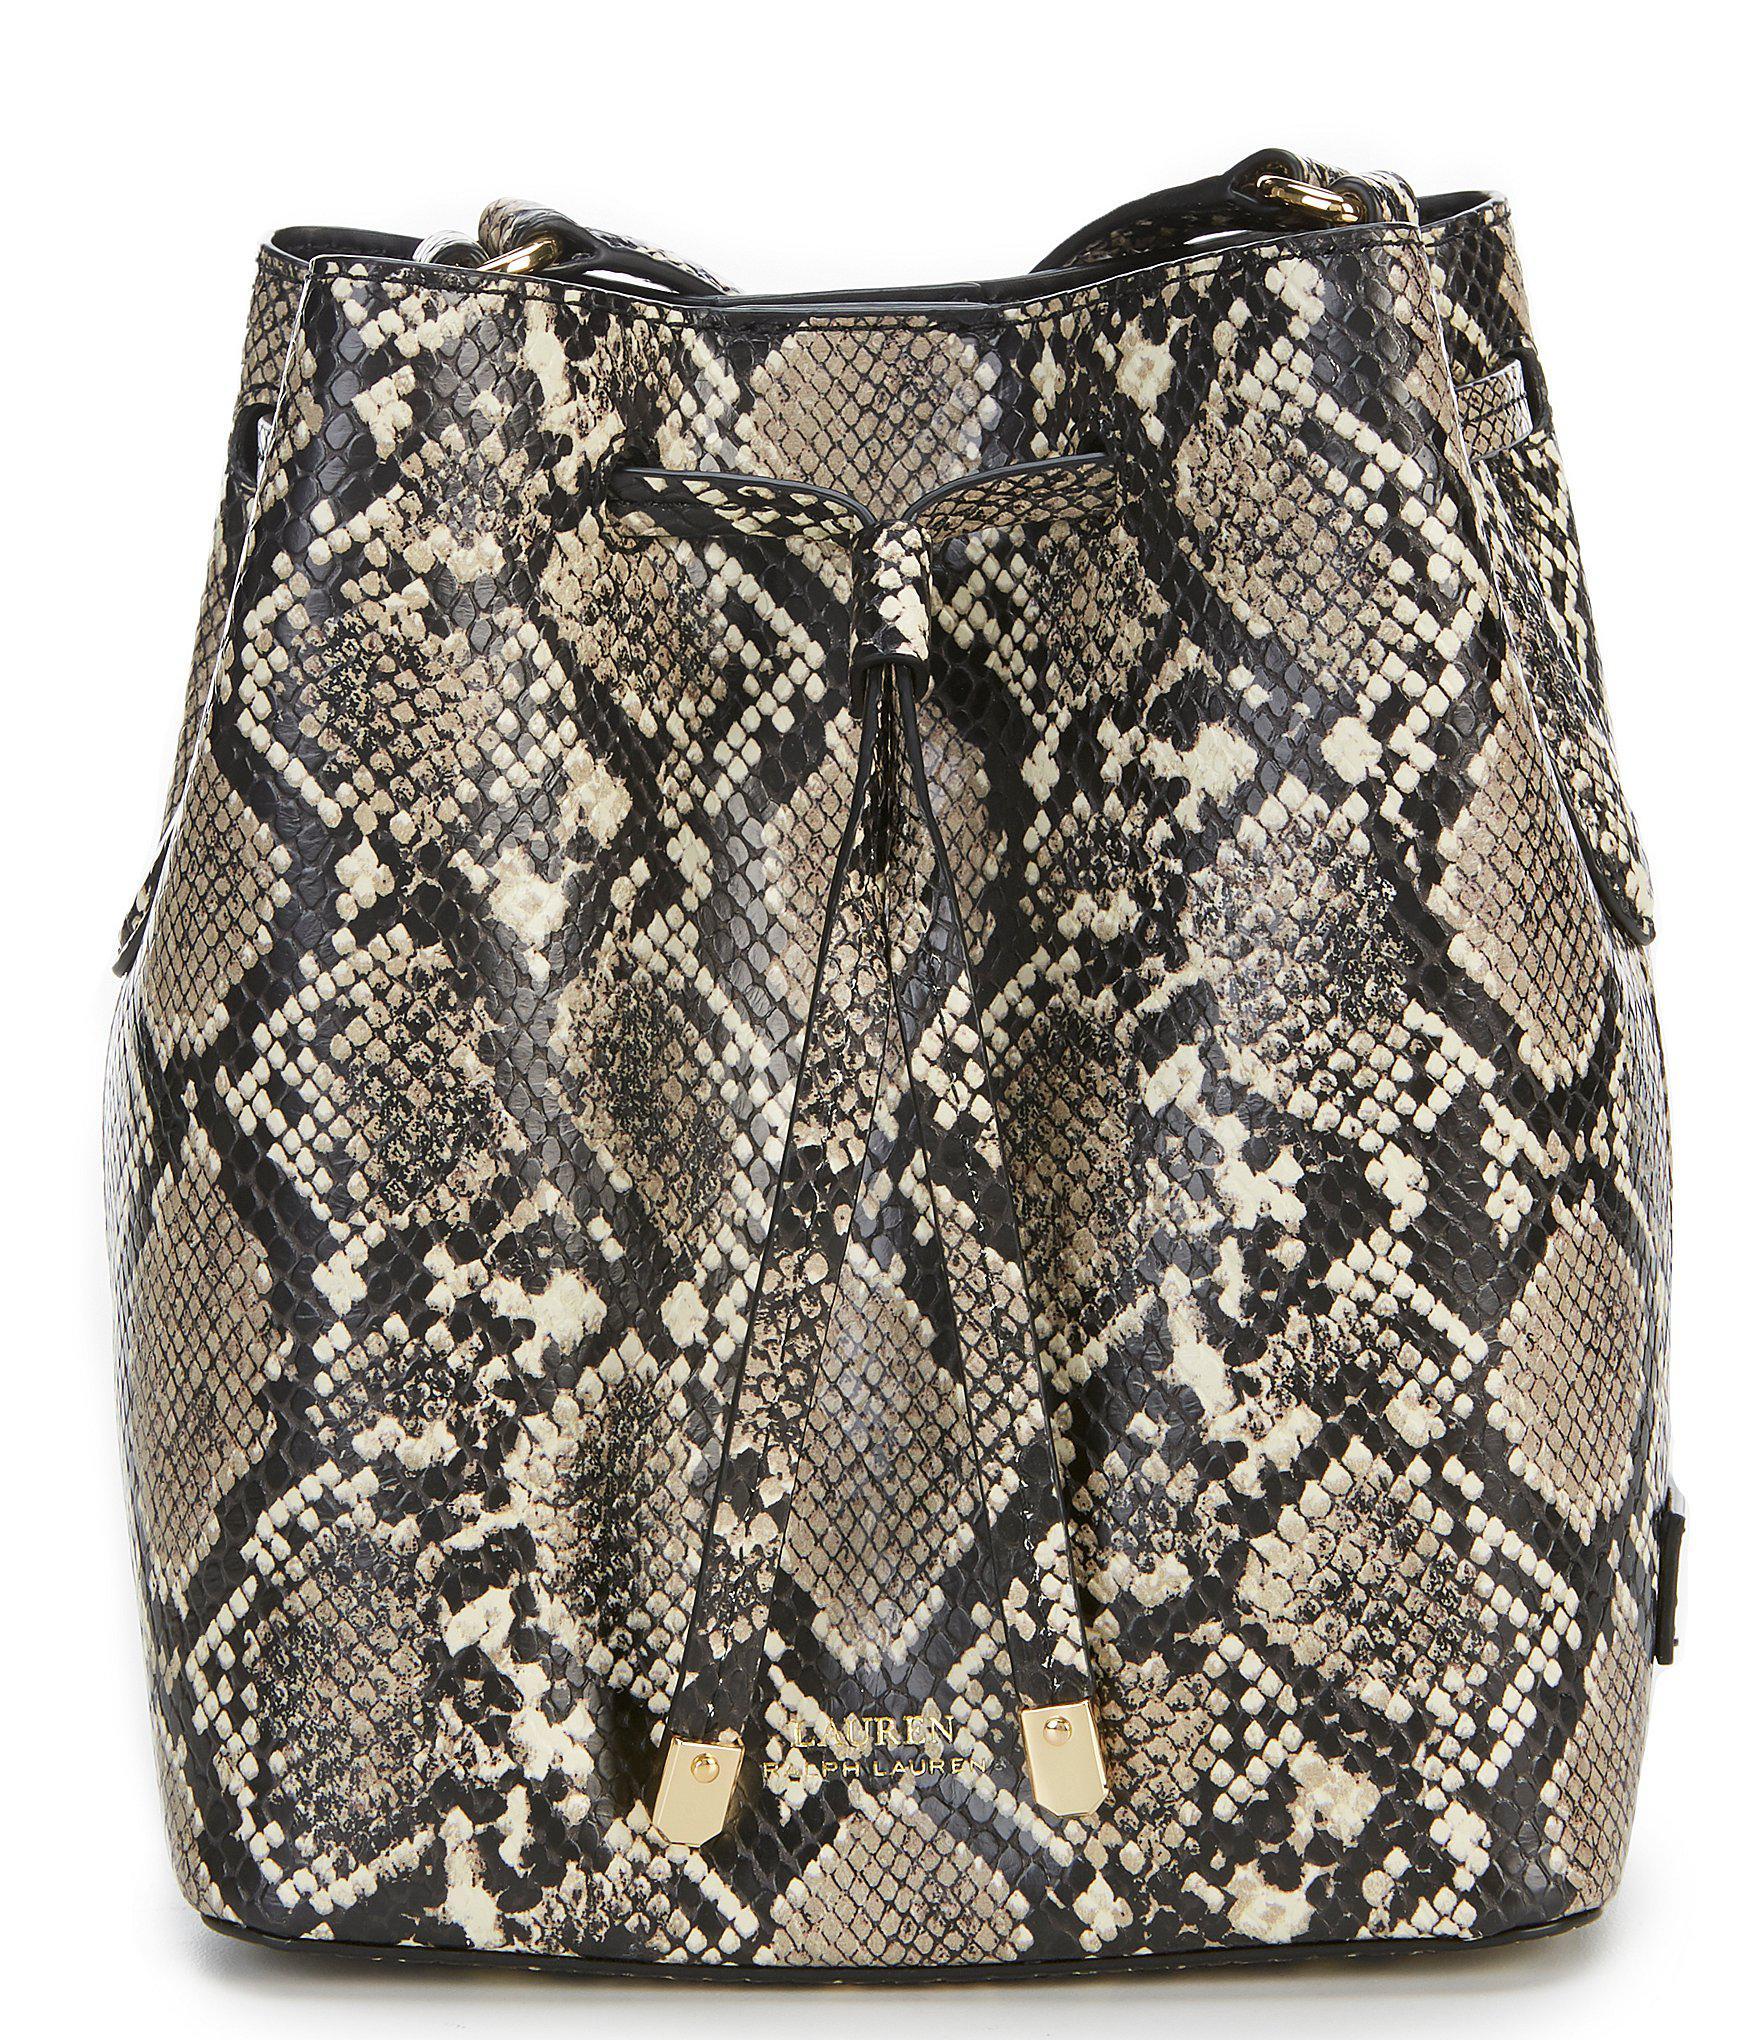 fd6e794a9f51 Lauren by Ralph Lauren. Women s Black Mini Debby Snake-embossed Drawstring  Bag